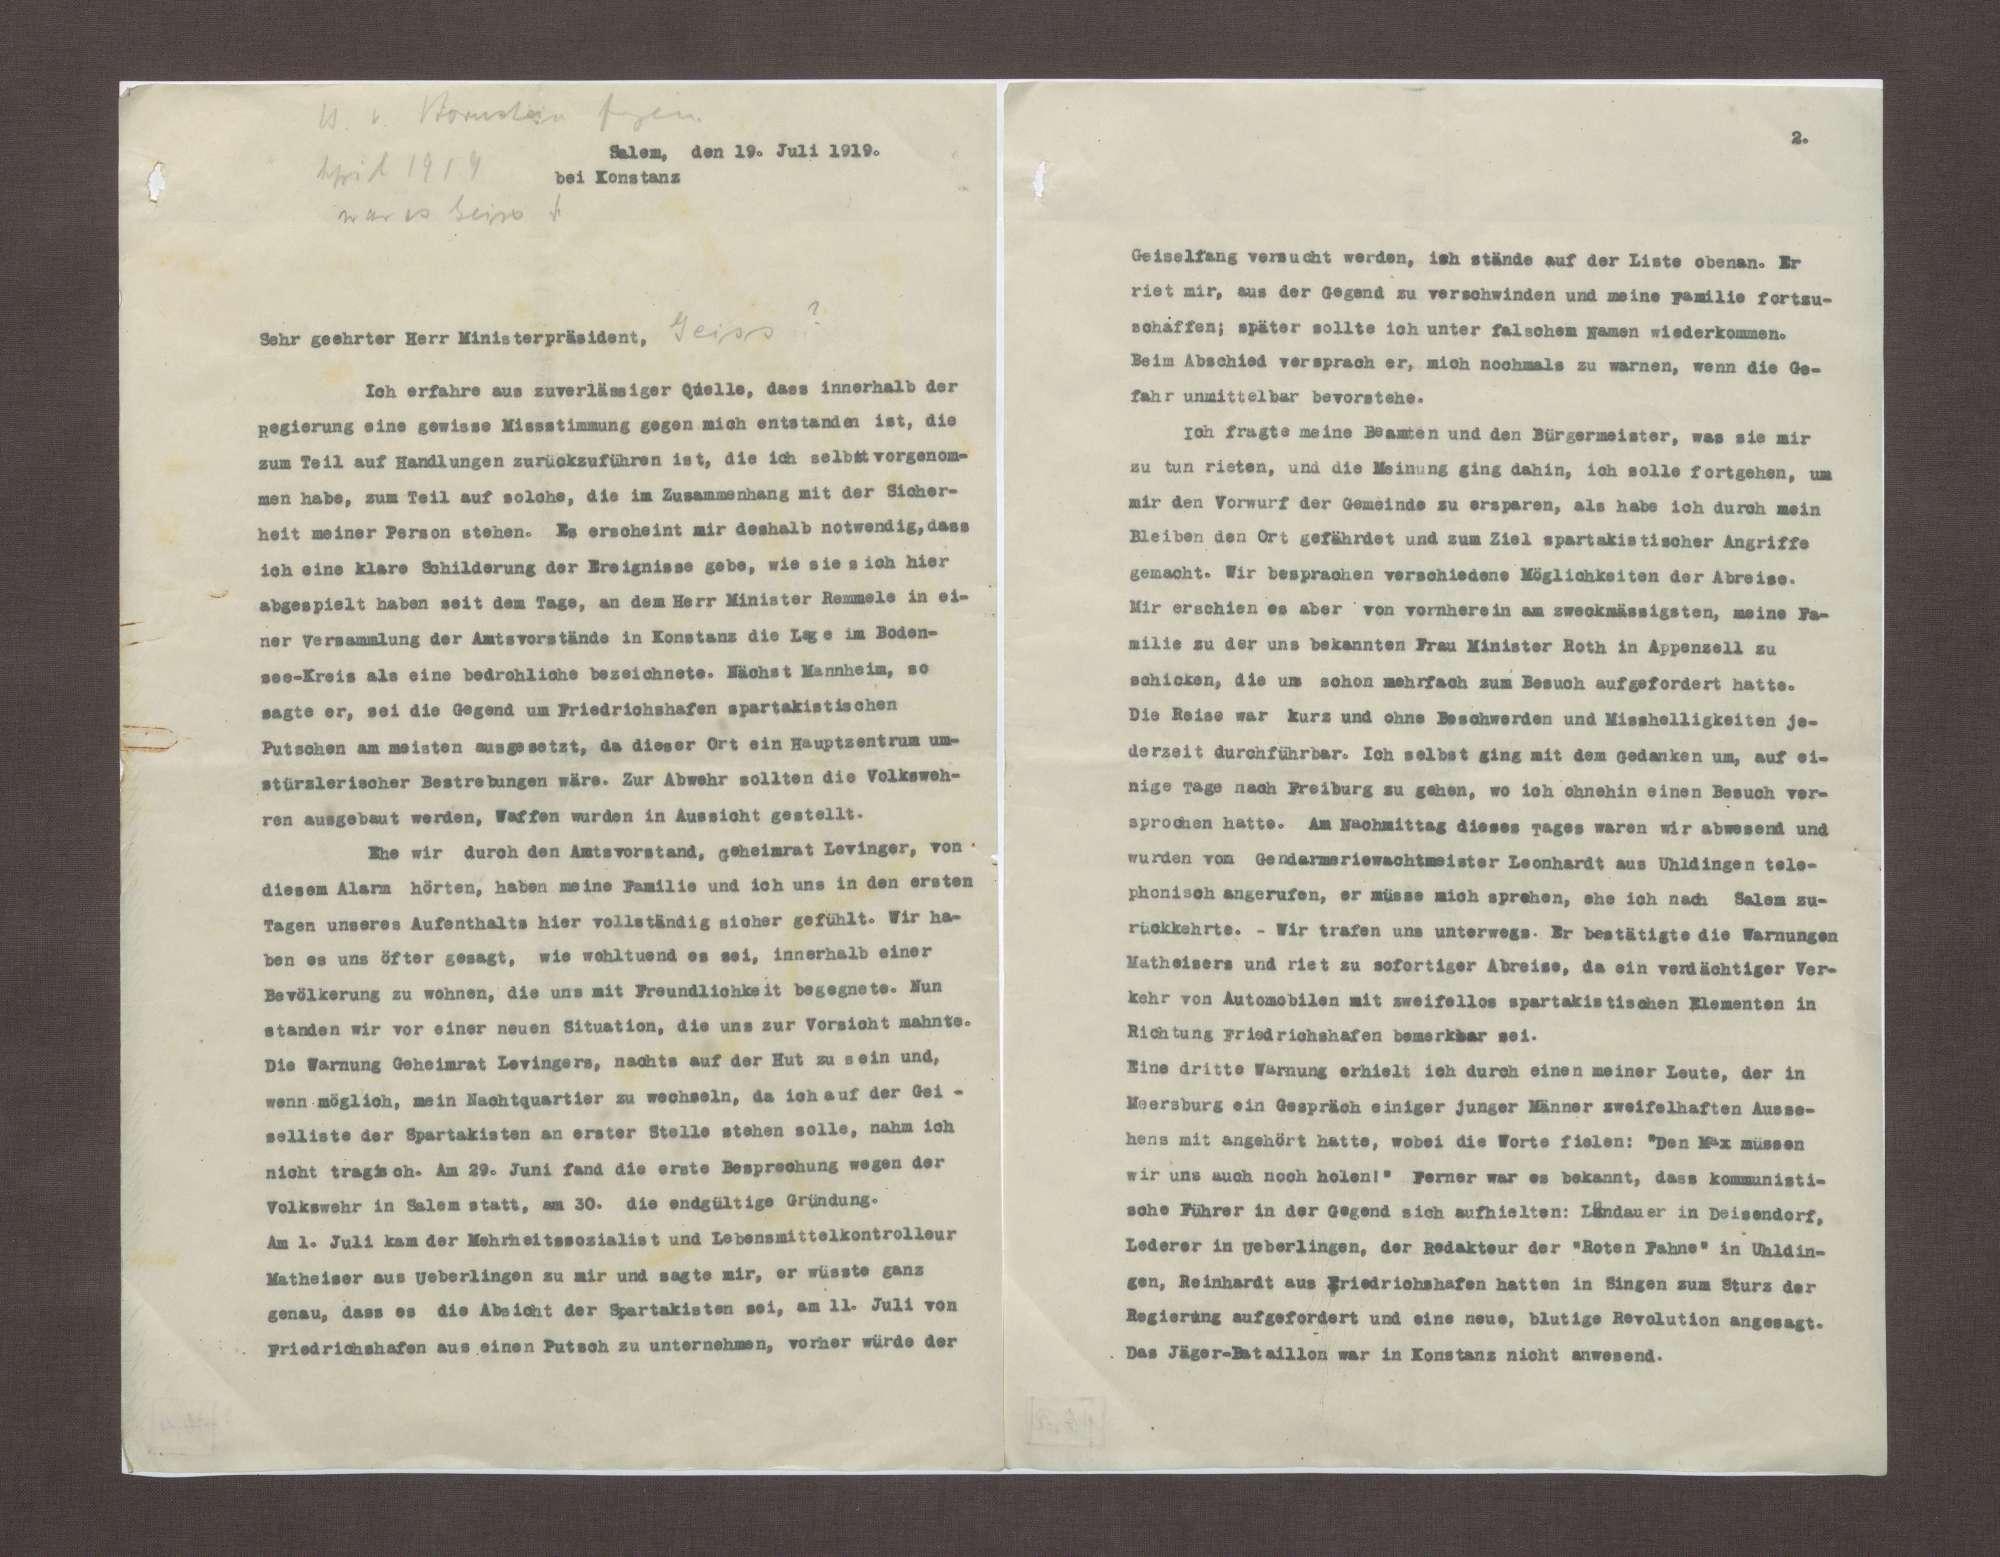 Schreiben von Prinz Max von Baden an Anton Geiß; Erklärung der Flucht seiner Familie mit der Bedrohung durch Spartakisten am Bodensee, Bild 1